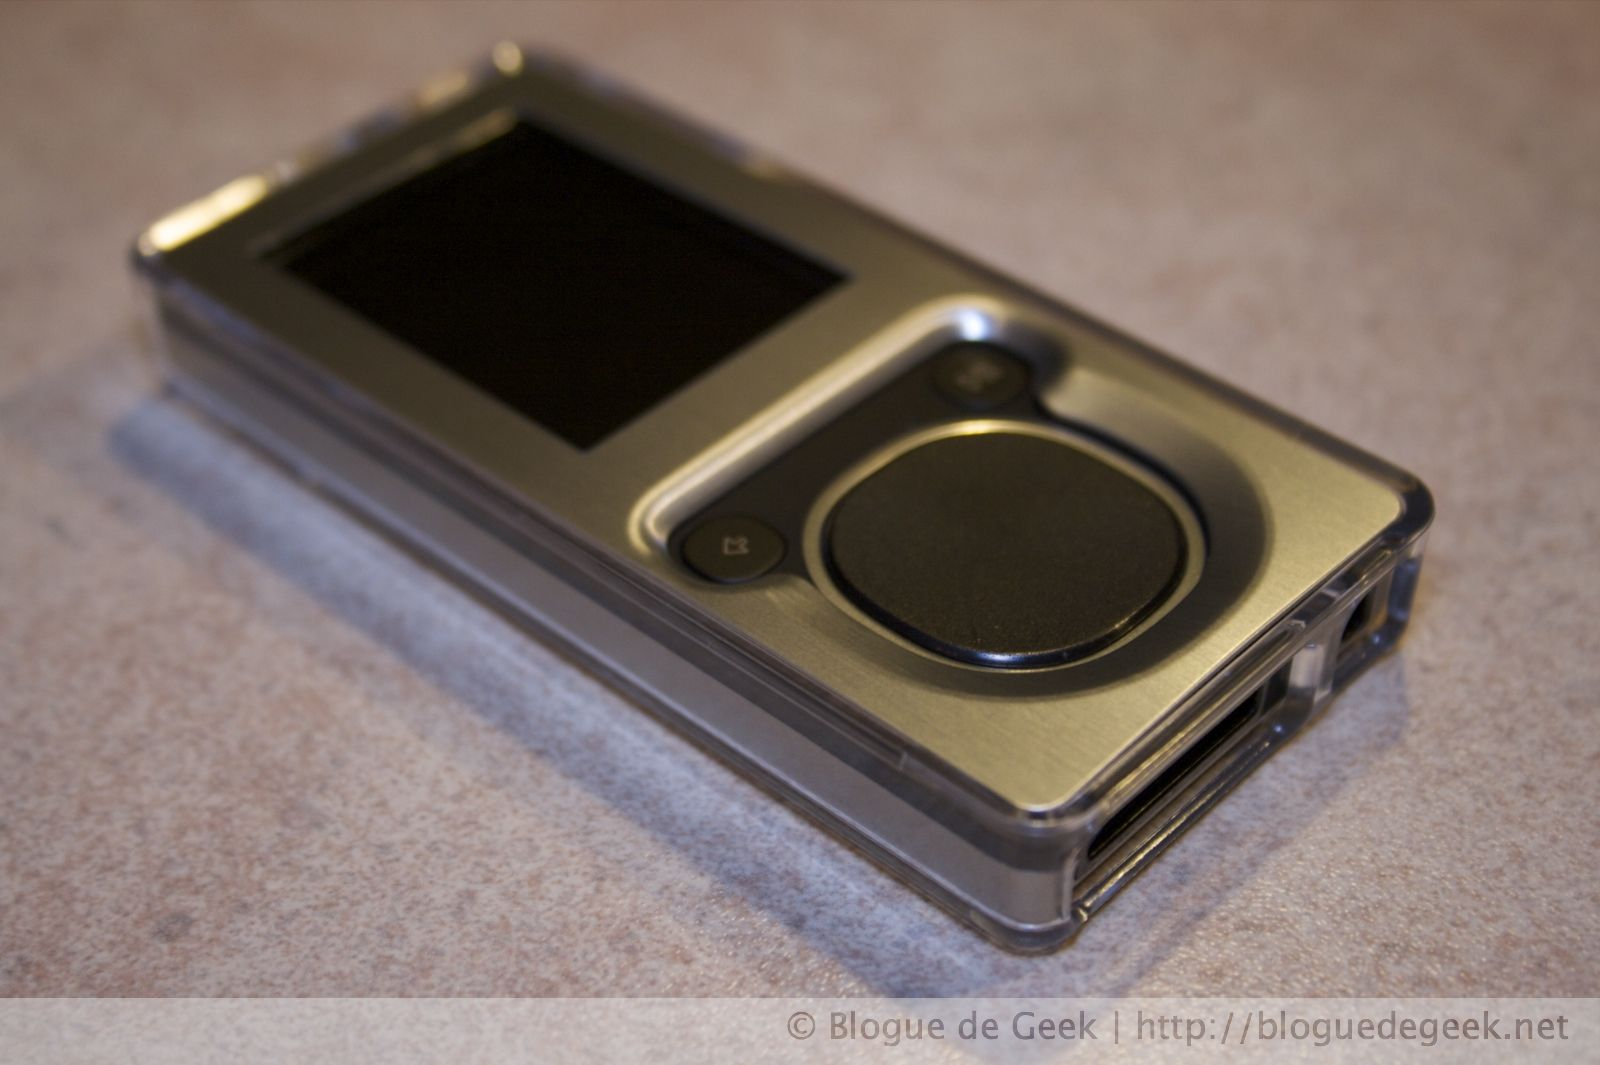 img 26432 - Belkin Remix Metal, étui en acrylique pour le Zune 4/8Go [Évaluation]